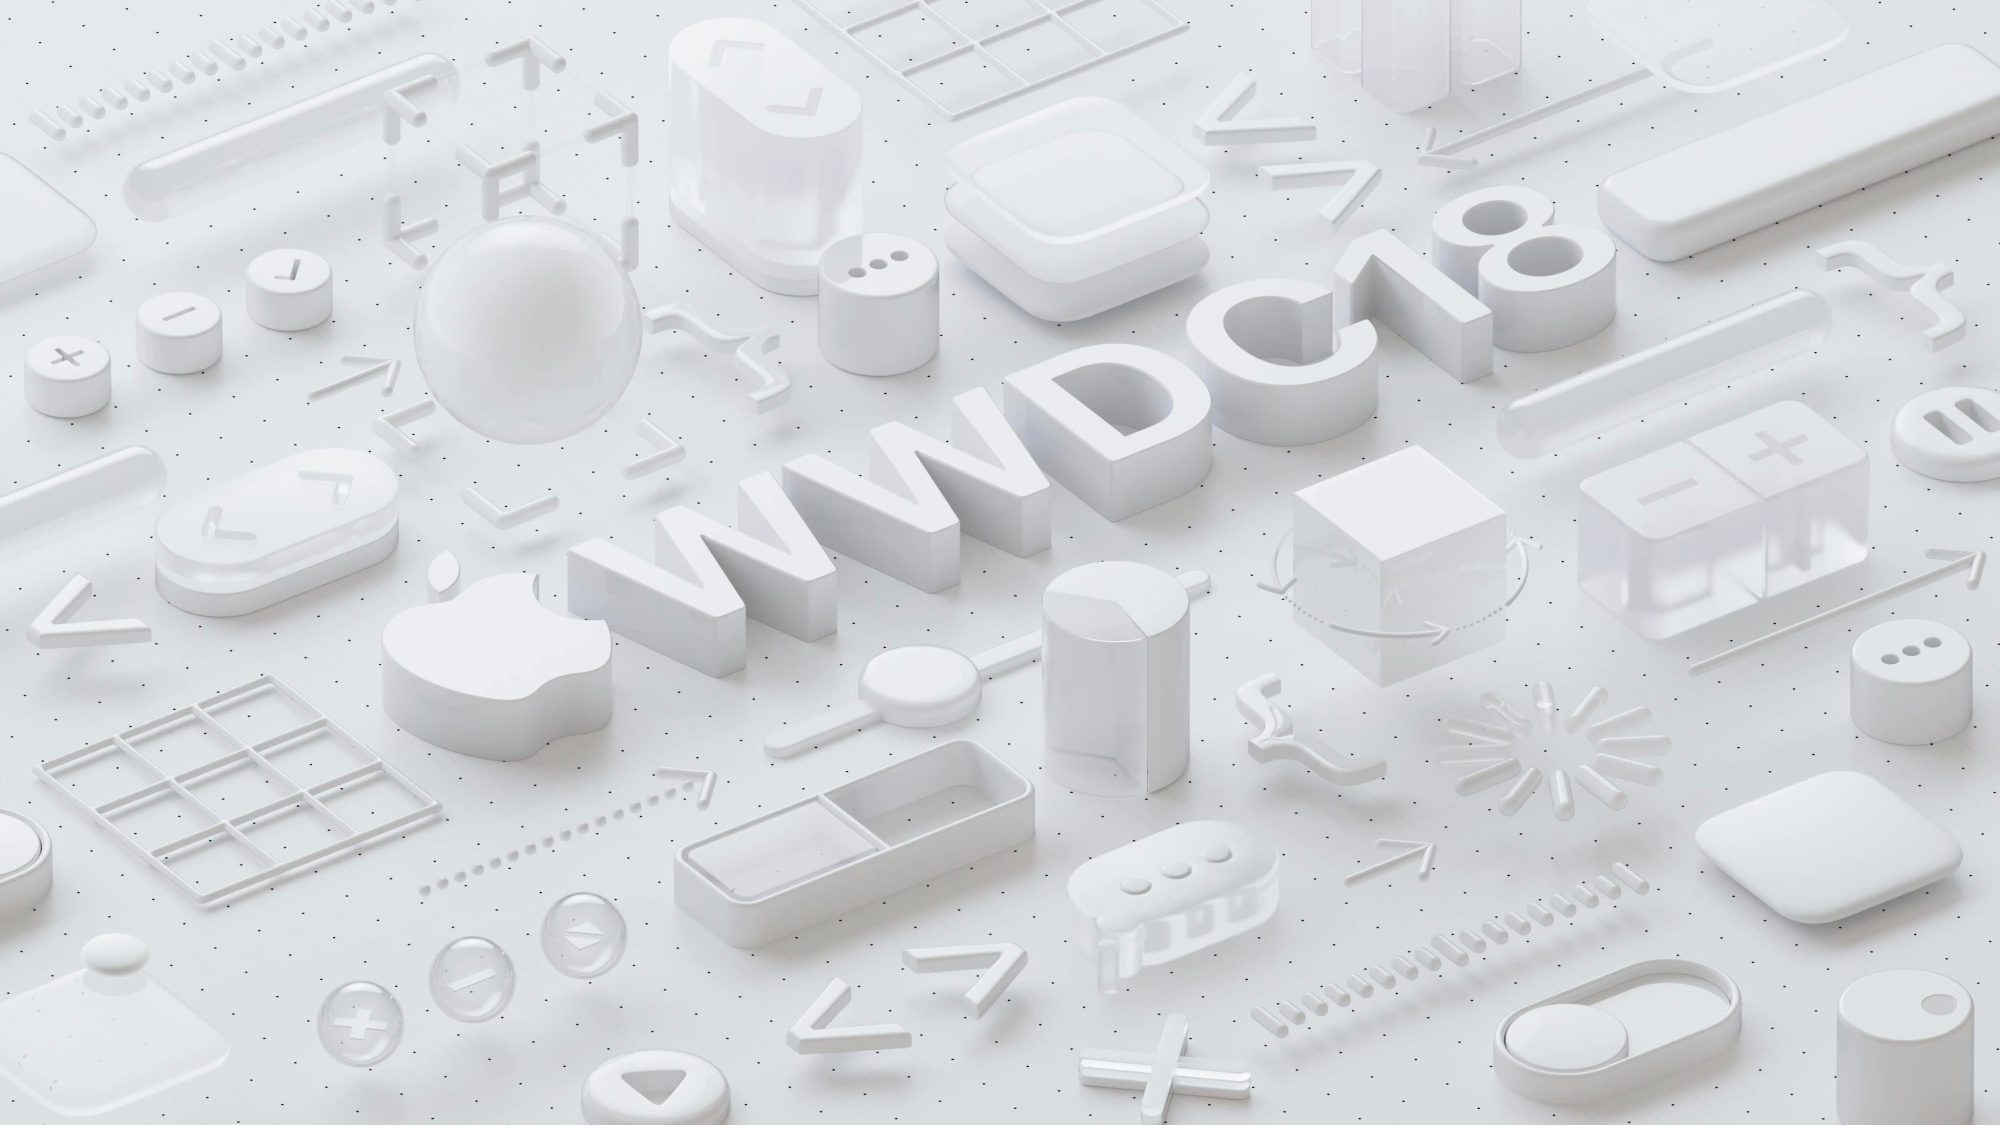 Apple oznámil datum konání WWDC 2018, kde bude představen iOS 12